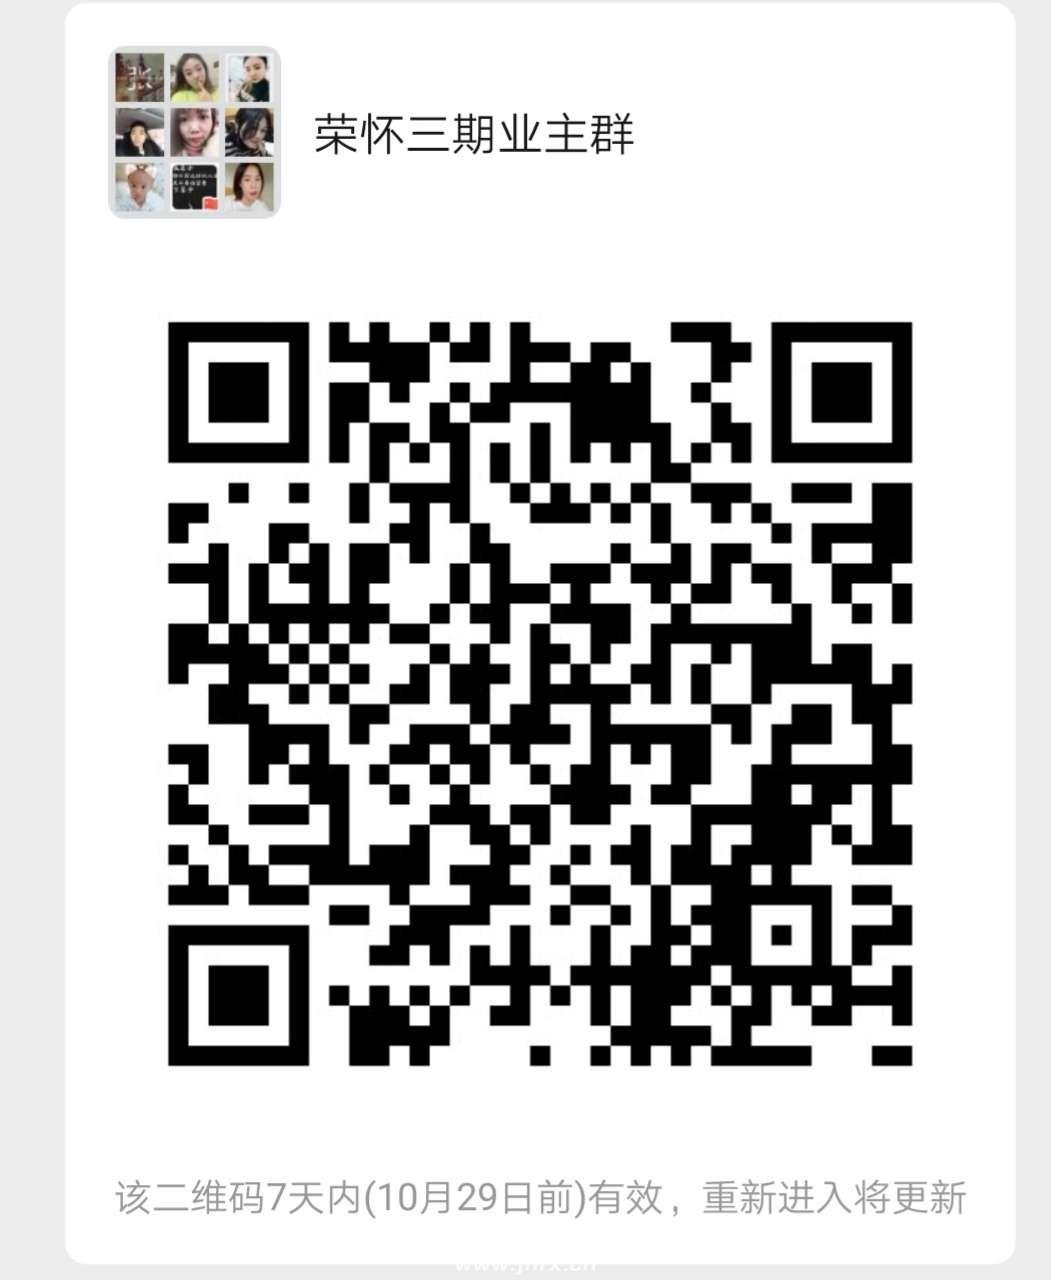 20191022_440376_1571711376367.jpg